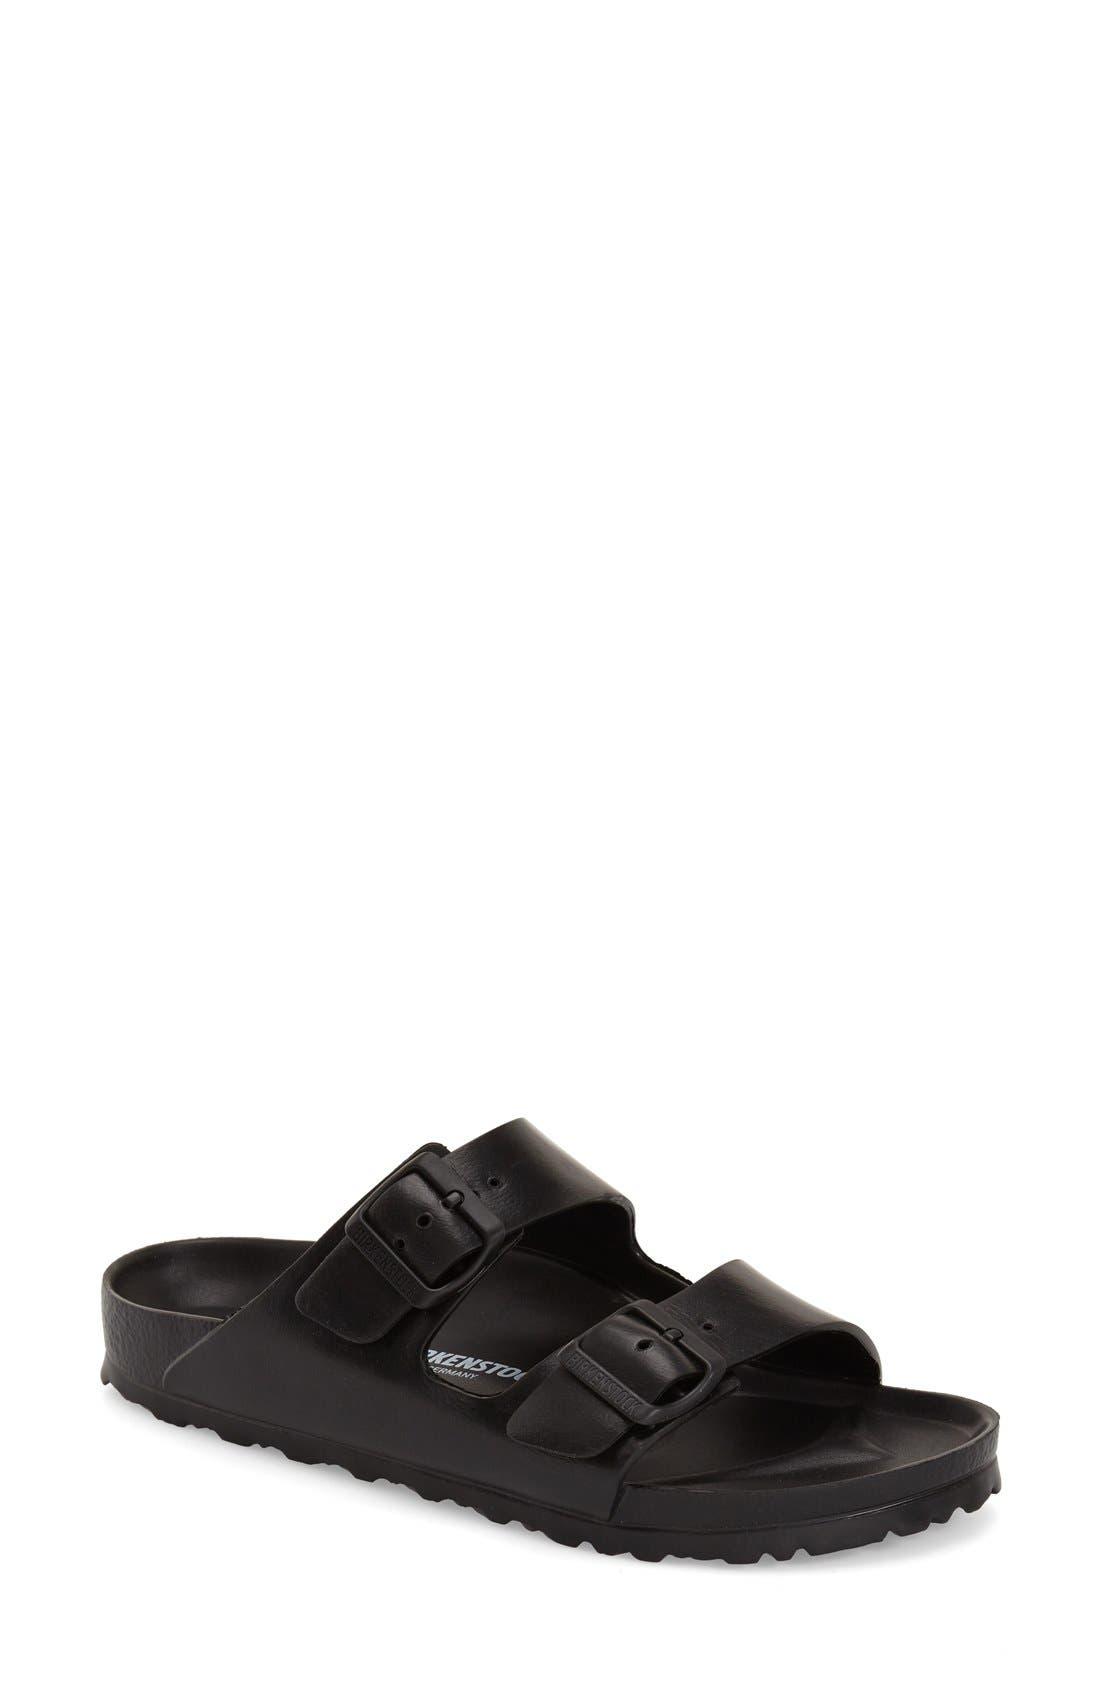 Main Image - Birkenstock Essentials - Arizona Slide Sandal (Women) (Nordstrom Exclusive)